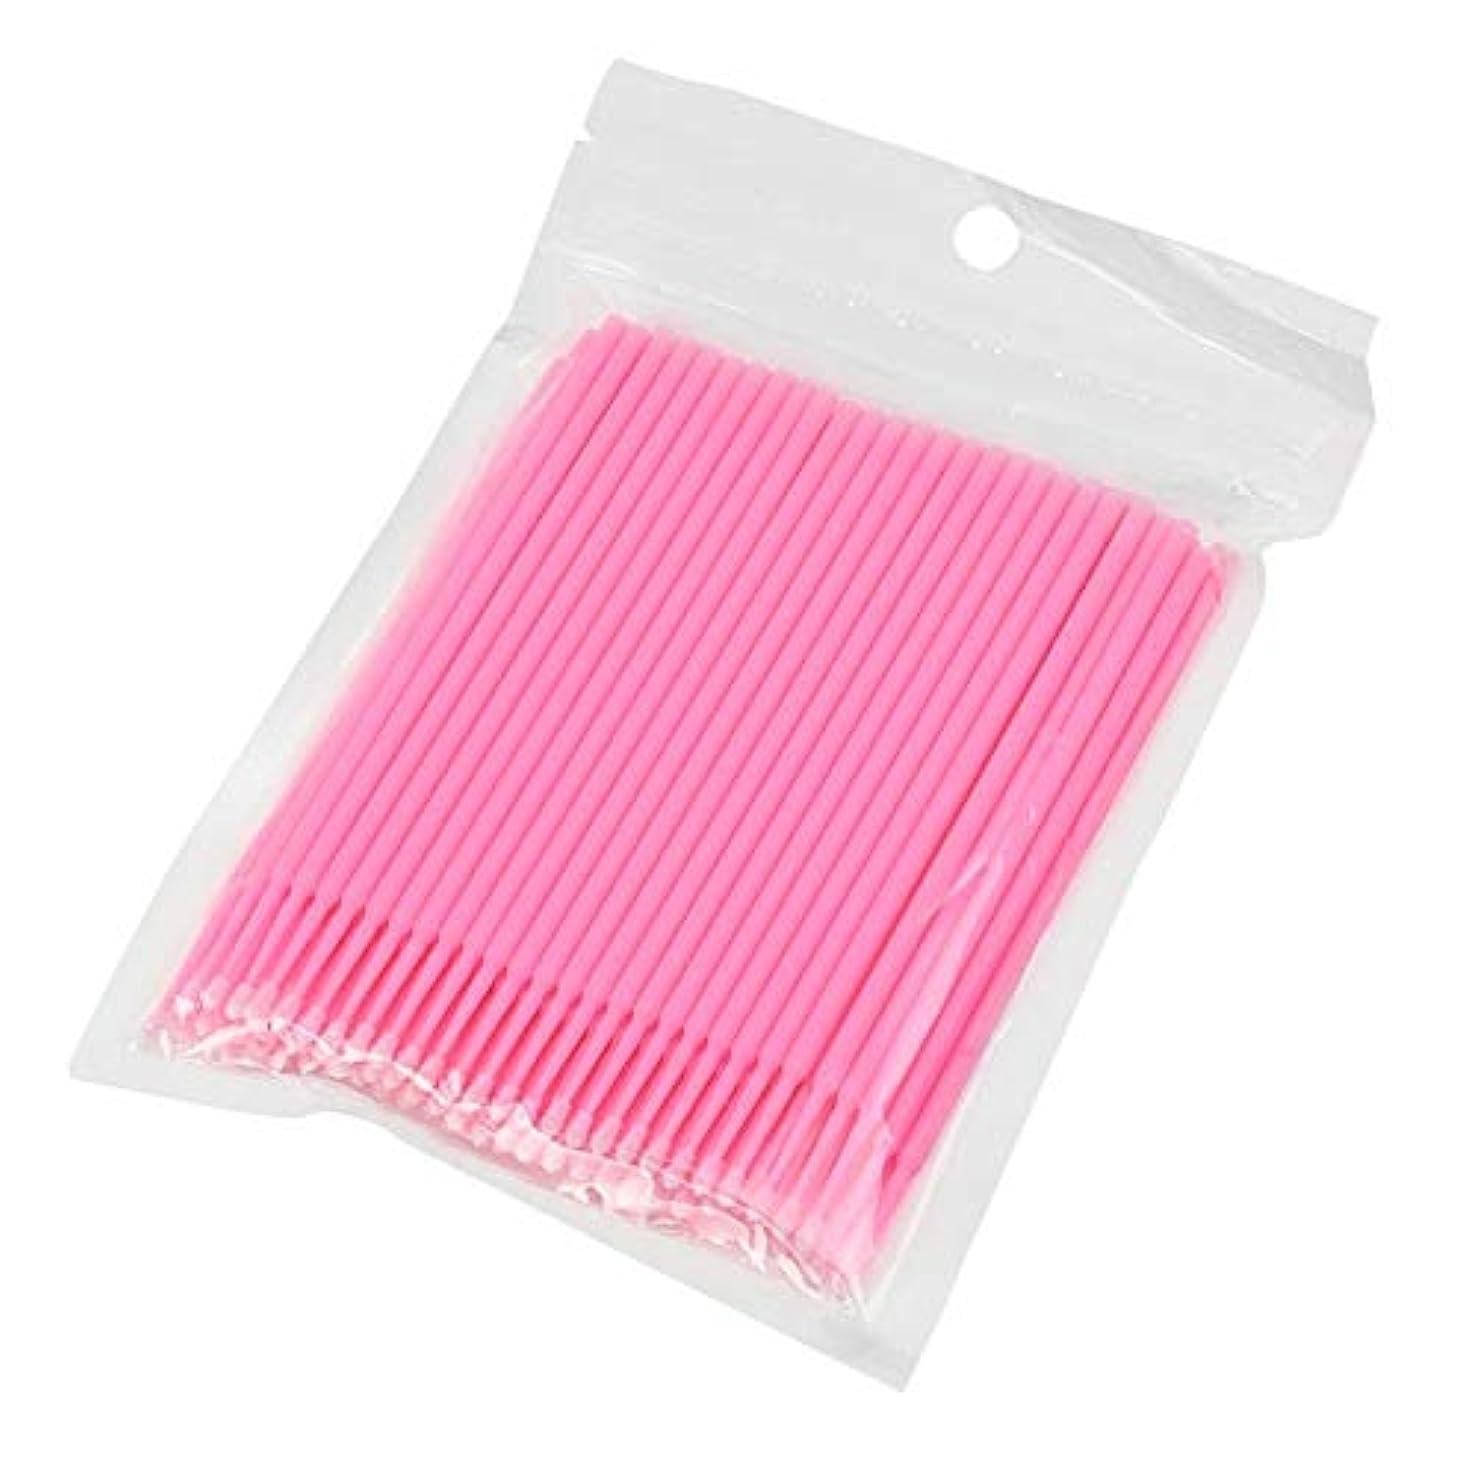 失礼な怠なマナー100ピース使い捨てマイクロブラシ綿棒アプリケーターチューブ用まつげエクステンション接着剤除去まつ毛グラフトツール(Color:Pink)